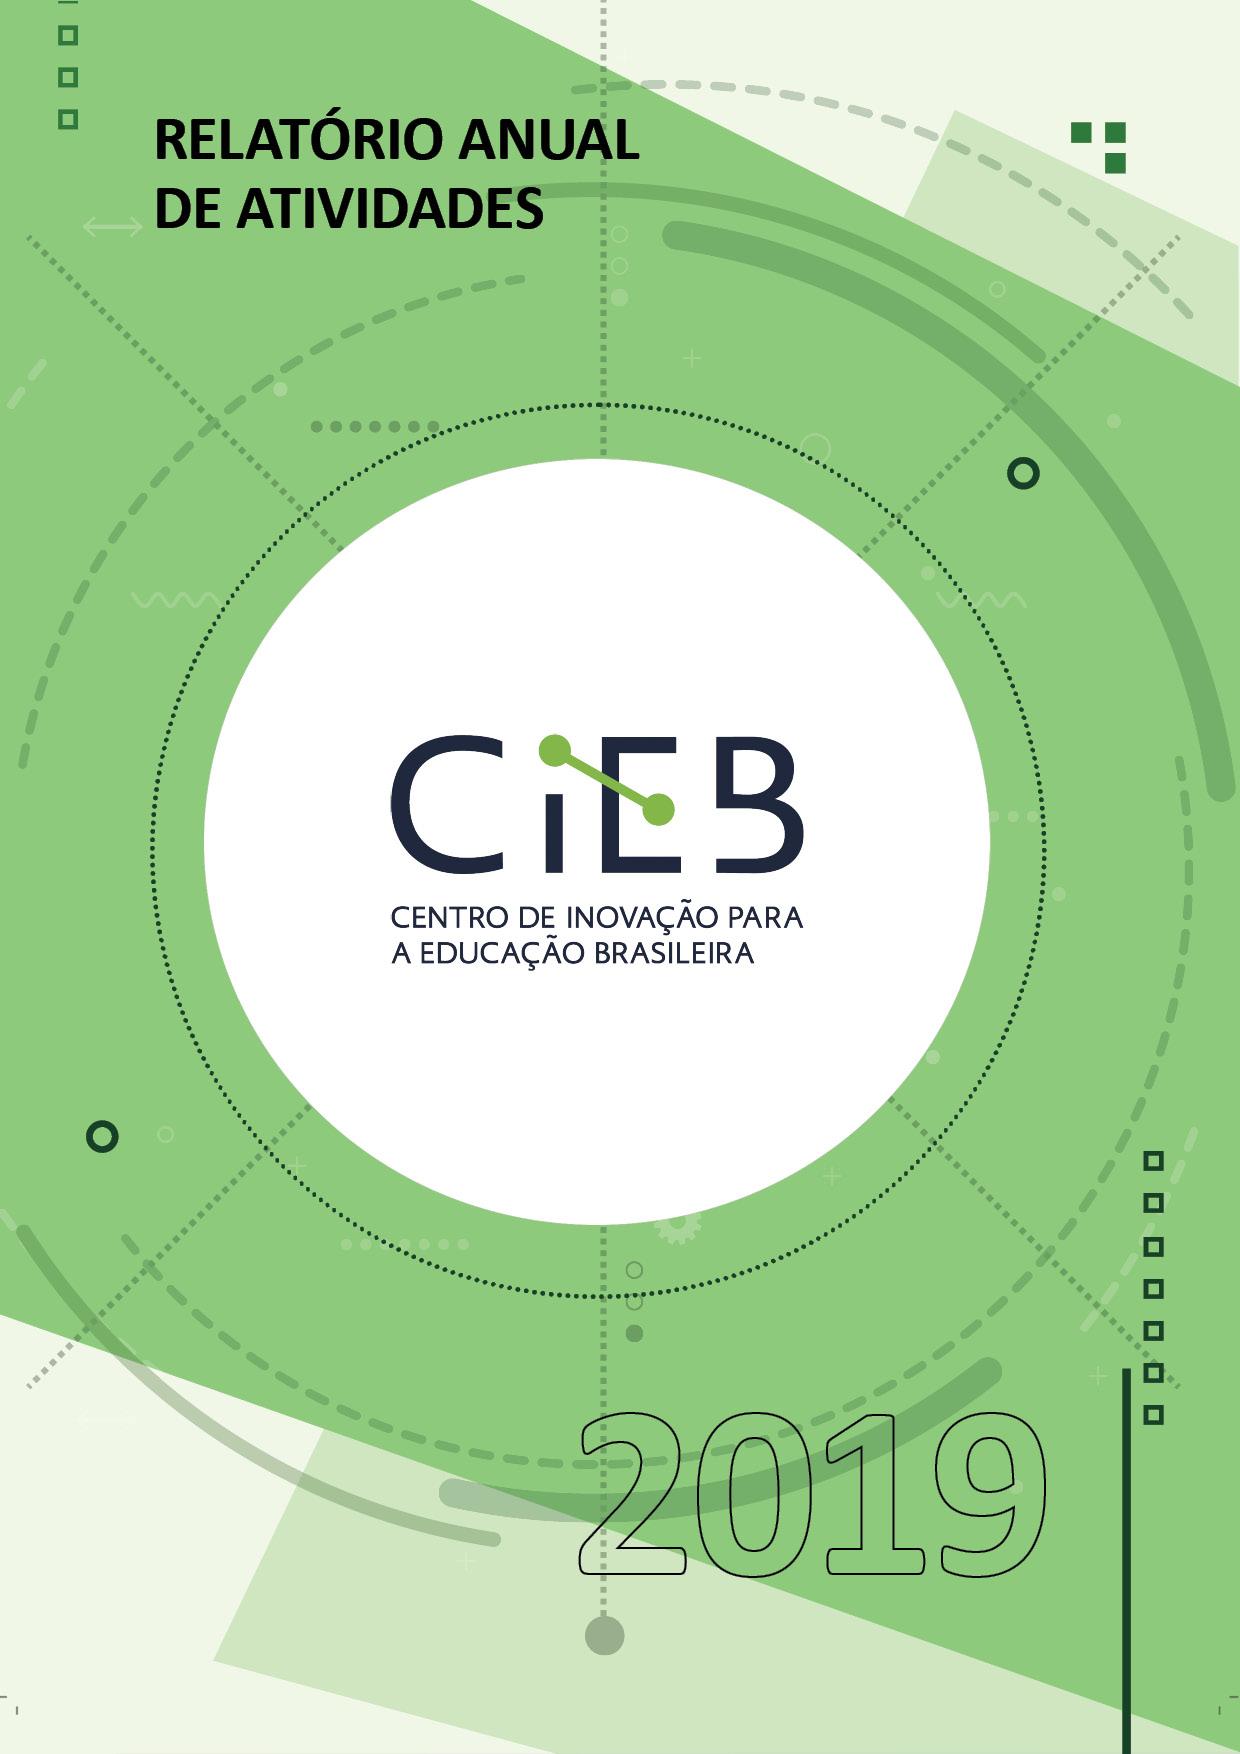 Relatório de atividades reúne conquistas do CIEB durante 2019